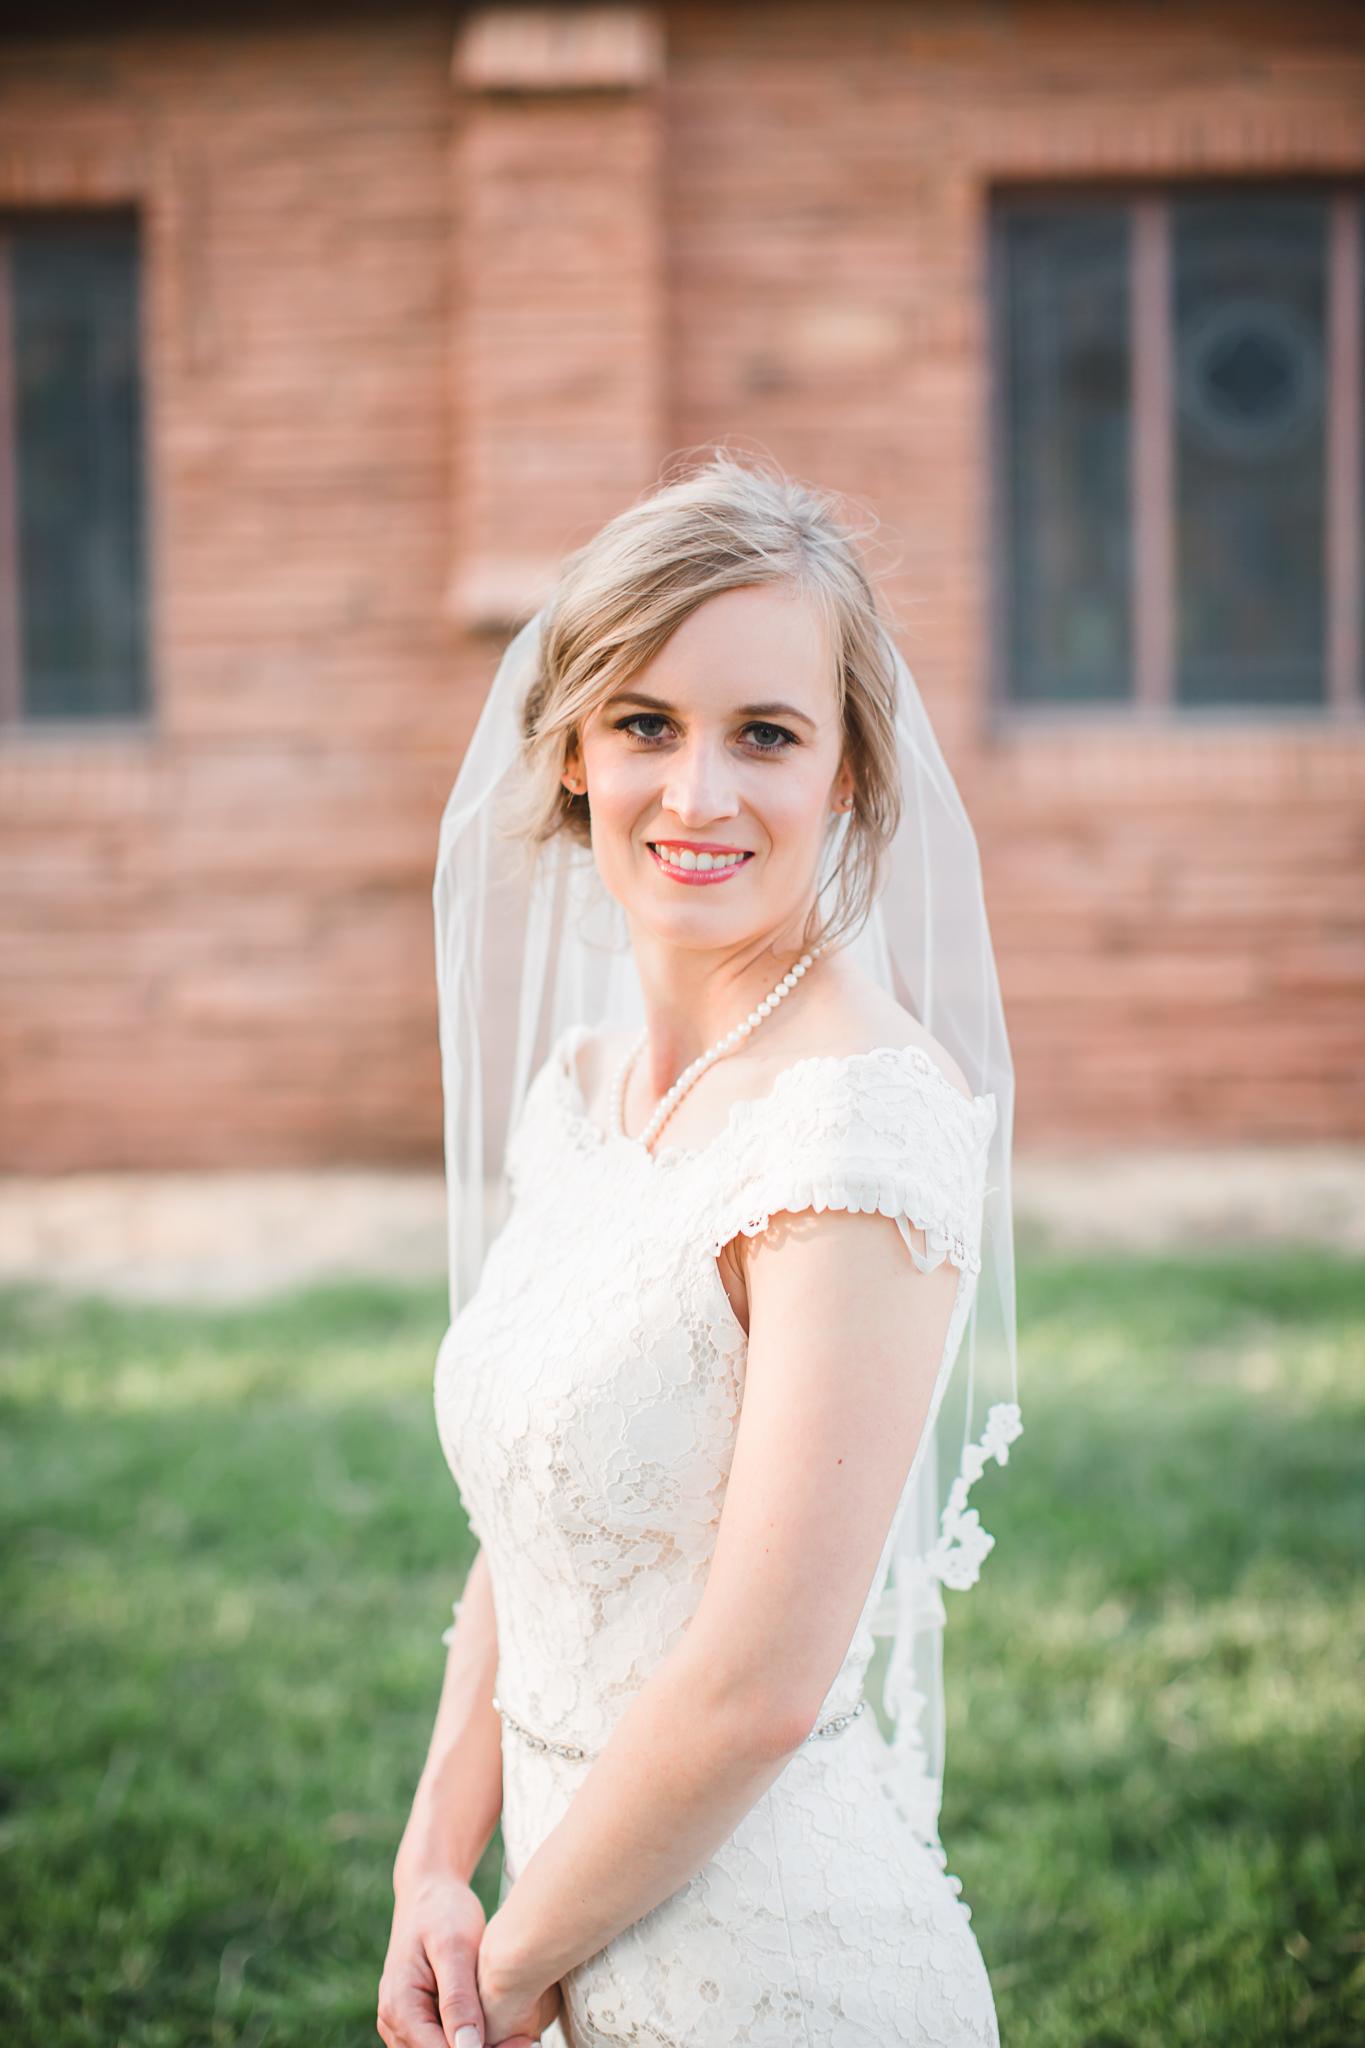 alyssa bridal blog-17.jpg